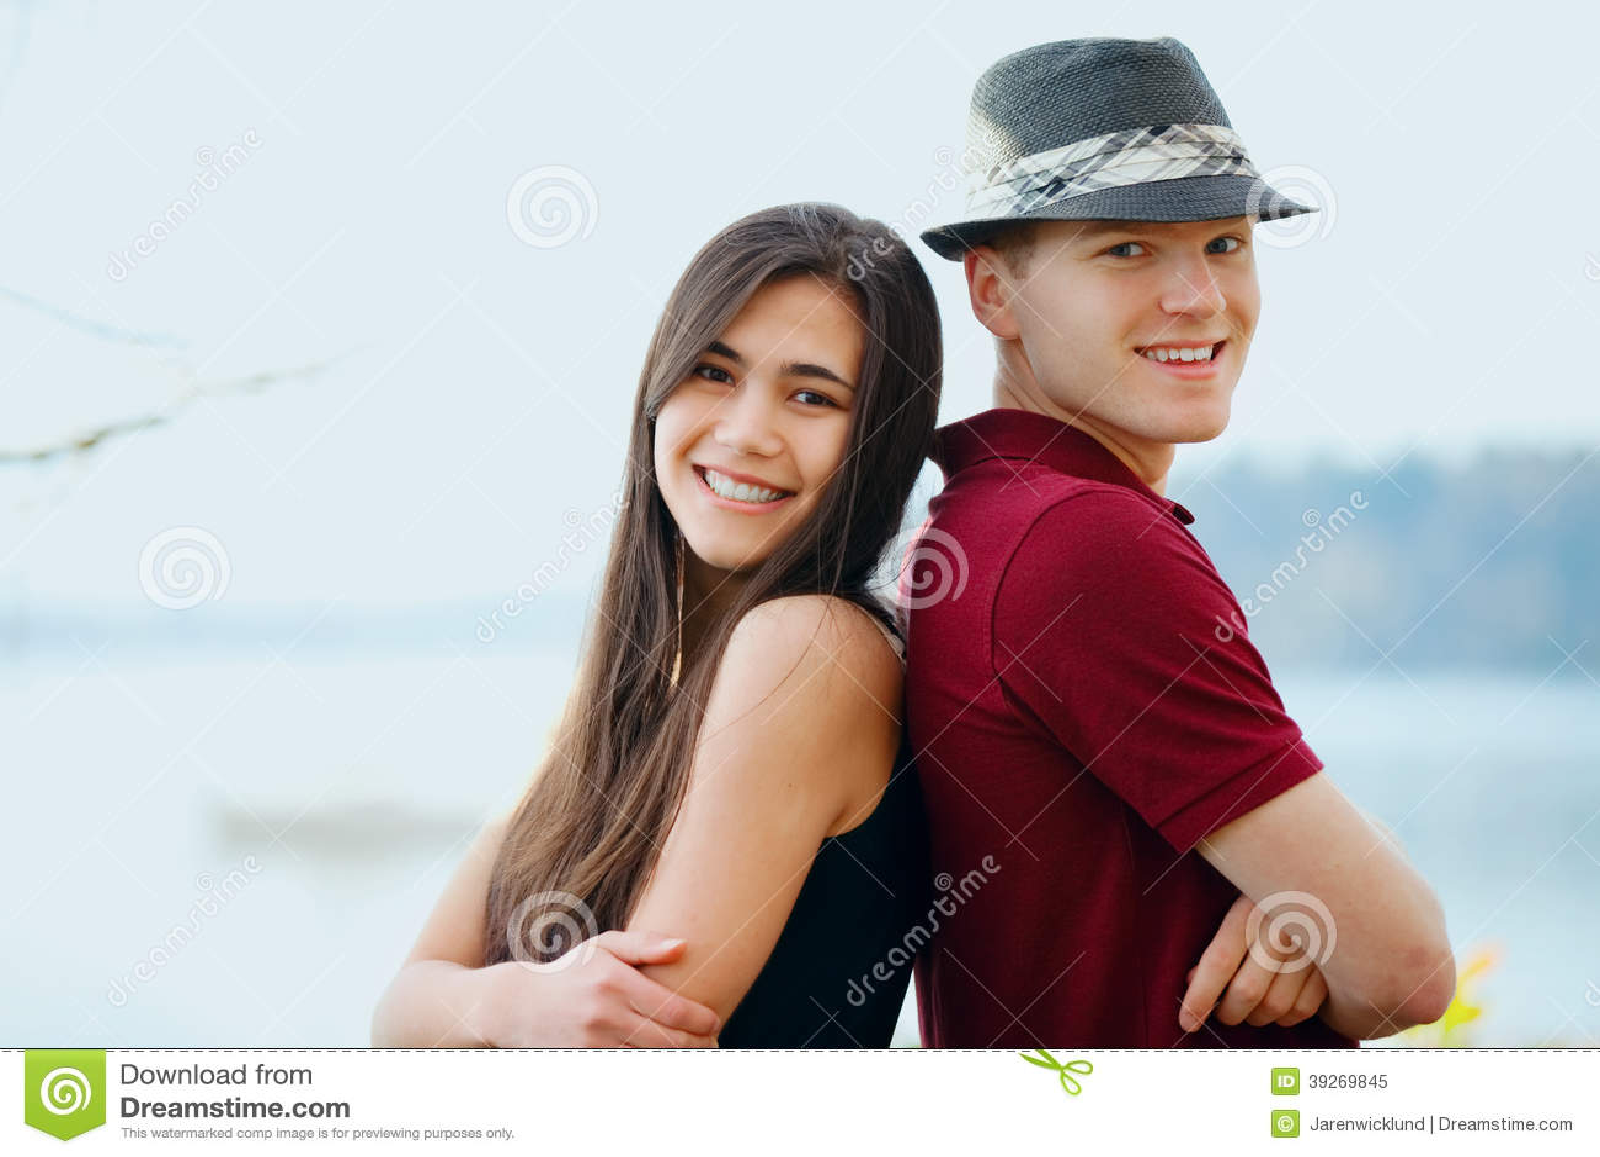 межрасовые пары красивые фото